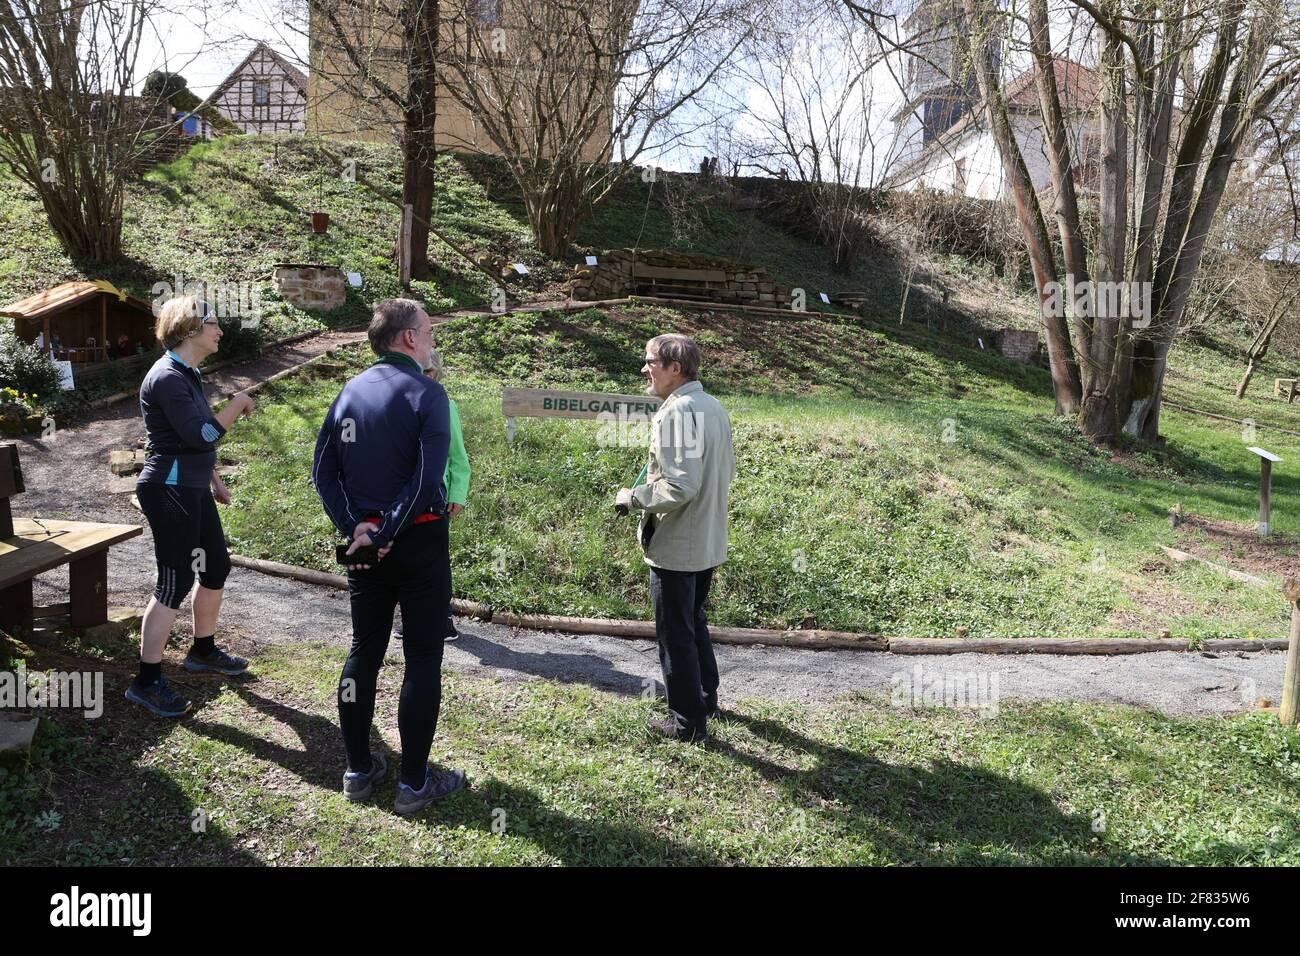 11 de abril de 2021, Thuringia, Tröbnitz: Los amigos peregrinos se encuentran en el jardín bíblico a lo largo del Tälerpilgerweg. El 11.04.21 se abre la temporada de la Tälerpilgerweg en el distrito de Saale-Holzland y Saale-Orla en Turingia. Bajo el lema 'solo y aún juntos - conectado en el Camino de Peregrinaje del Valle'. Después, la invitación se extiende a los peregrinos individuales. Foto: Bodo Schackow/dpa-Zentralbild/dpa Foto de stock